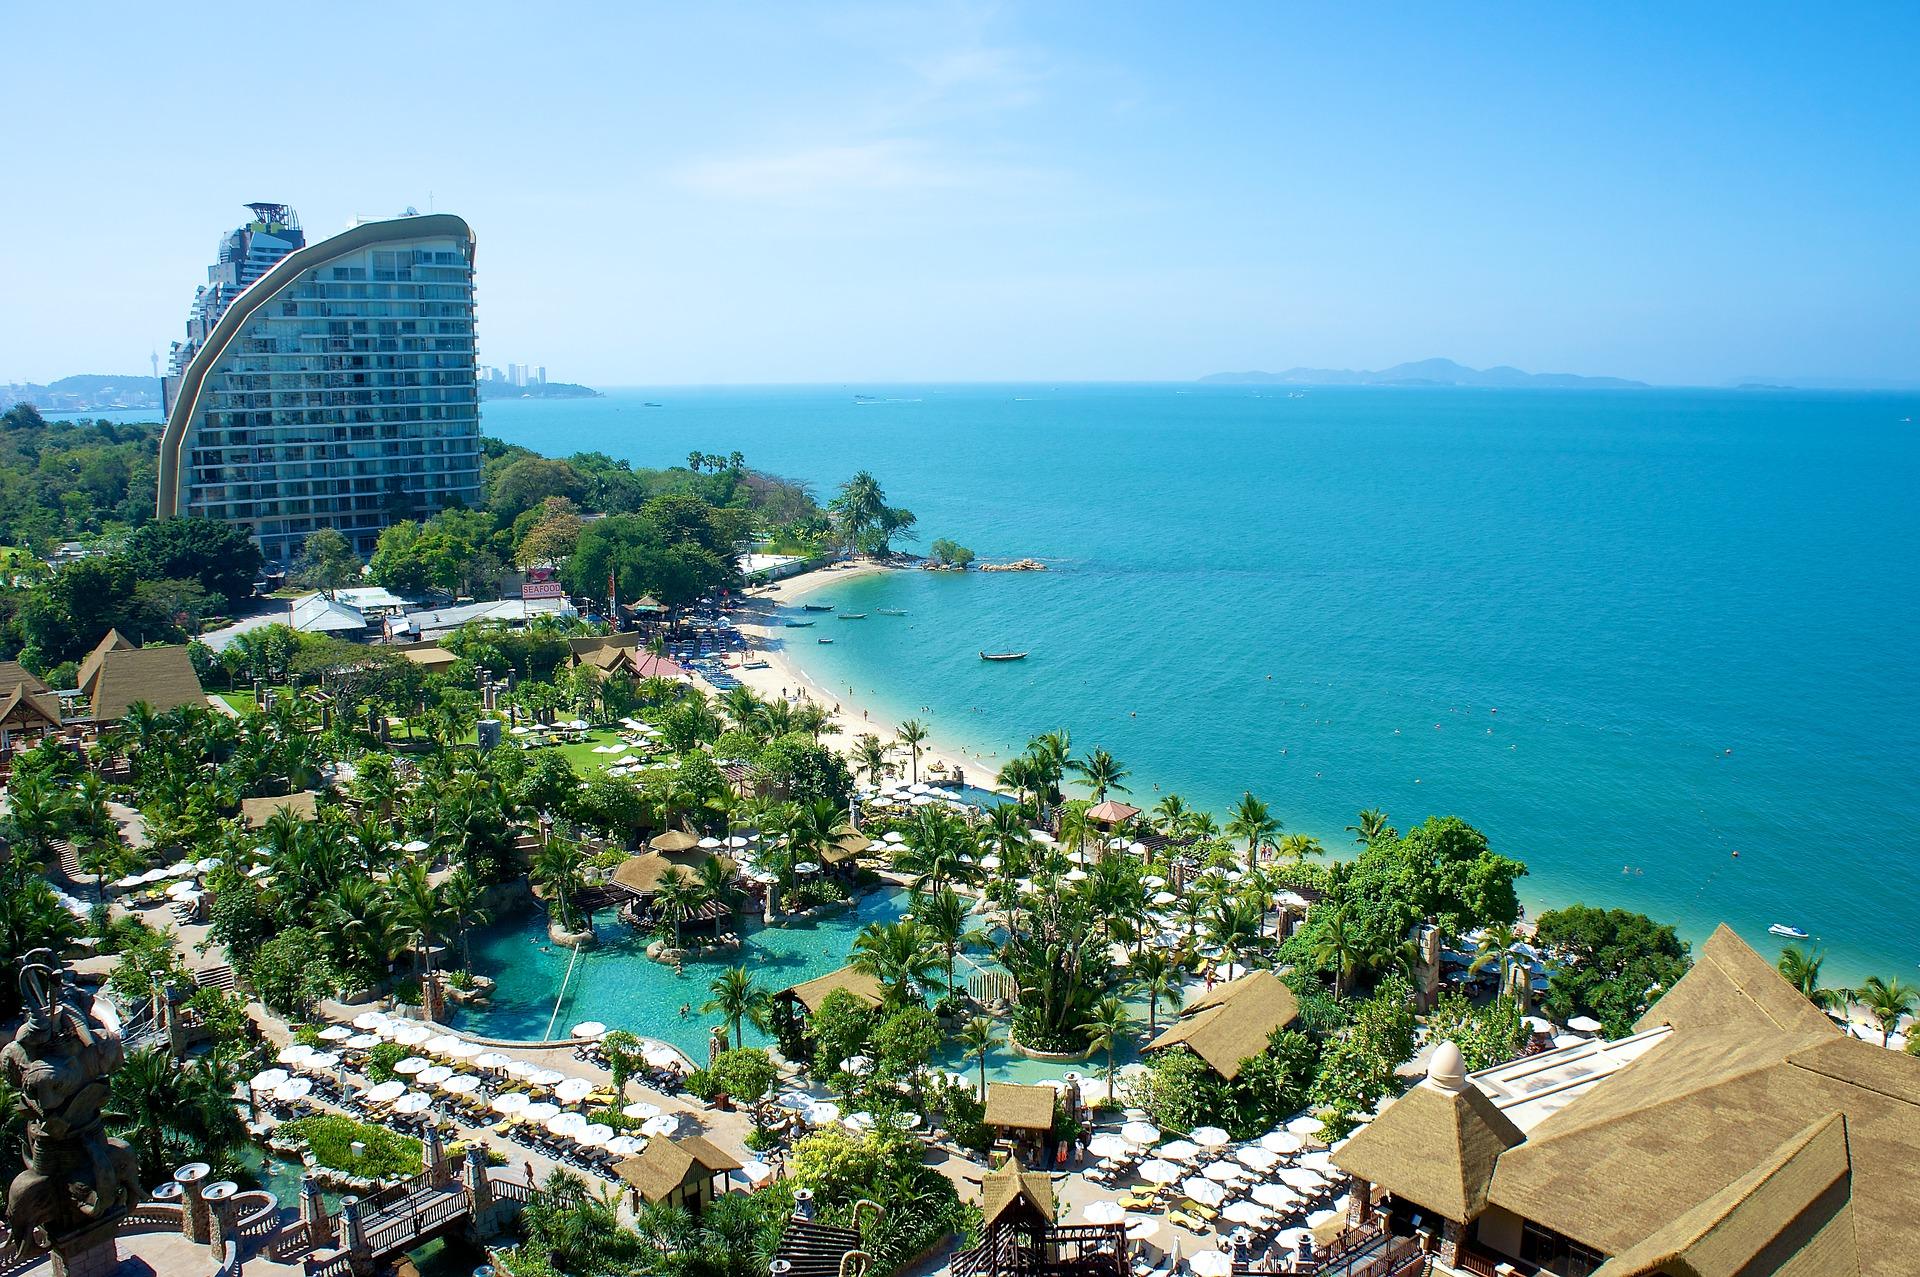 Pattaya Urlaub in Thailand ab 667,70€ 12 Nächte - 5 Sterne